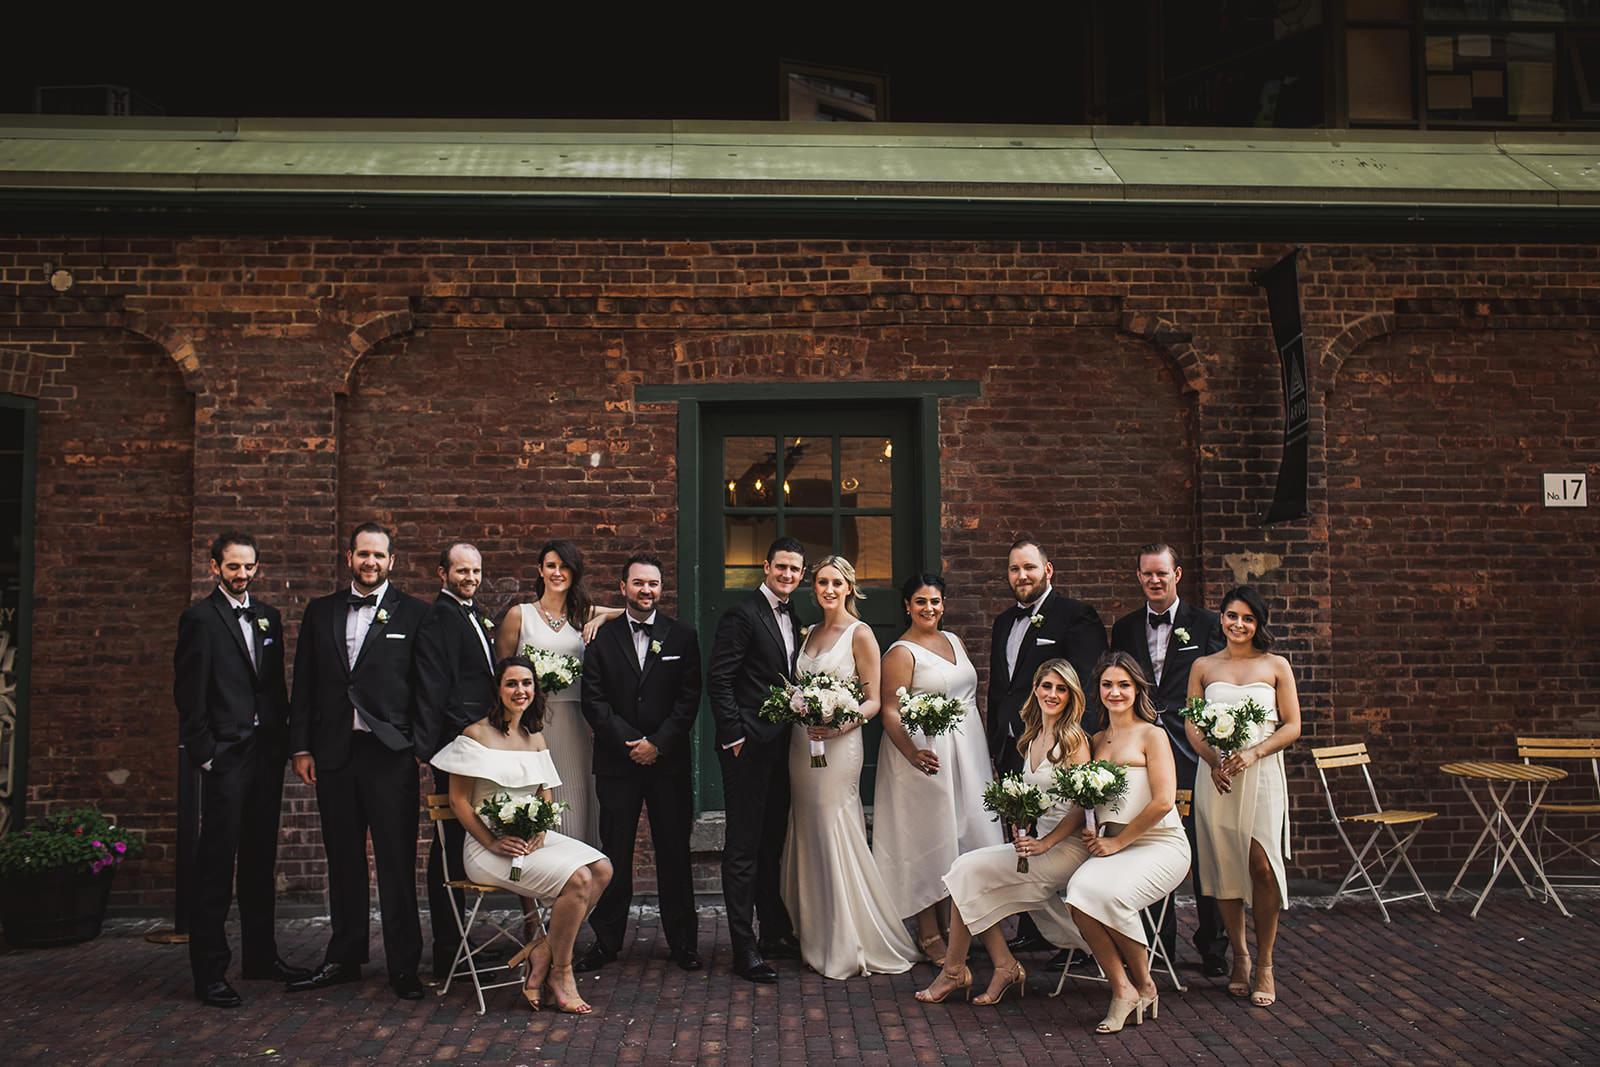 The Fermenting Cellar wedding venue